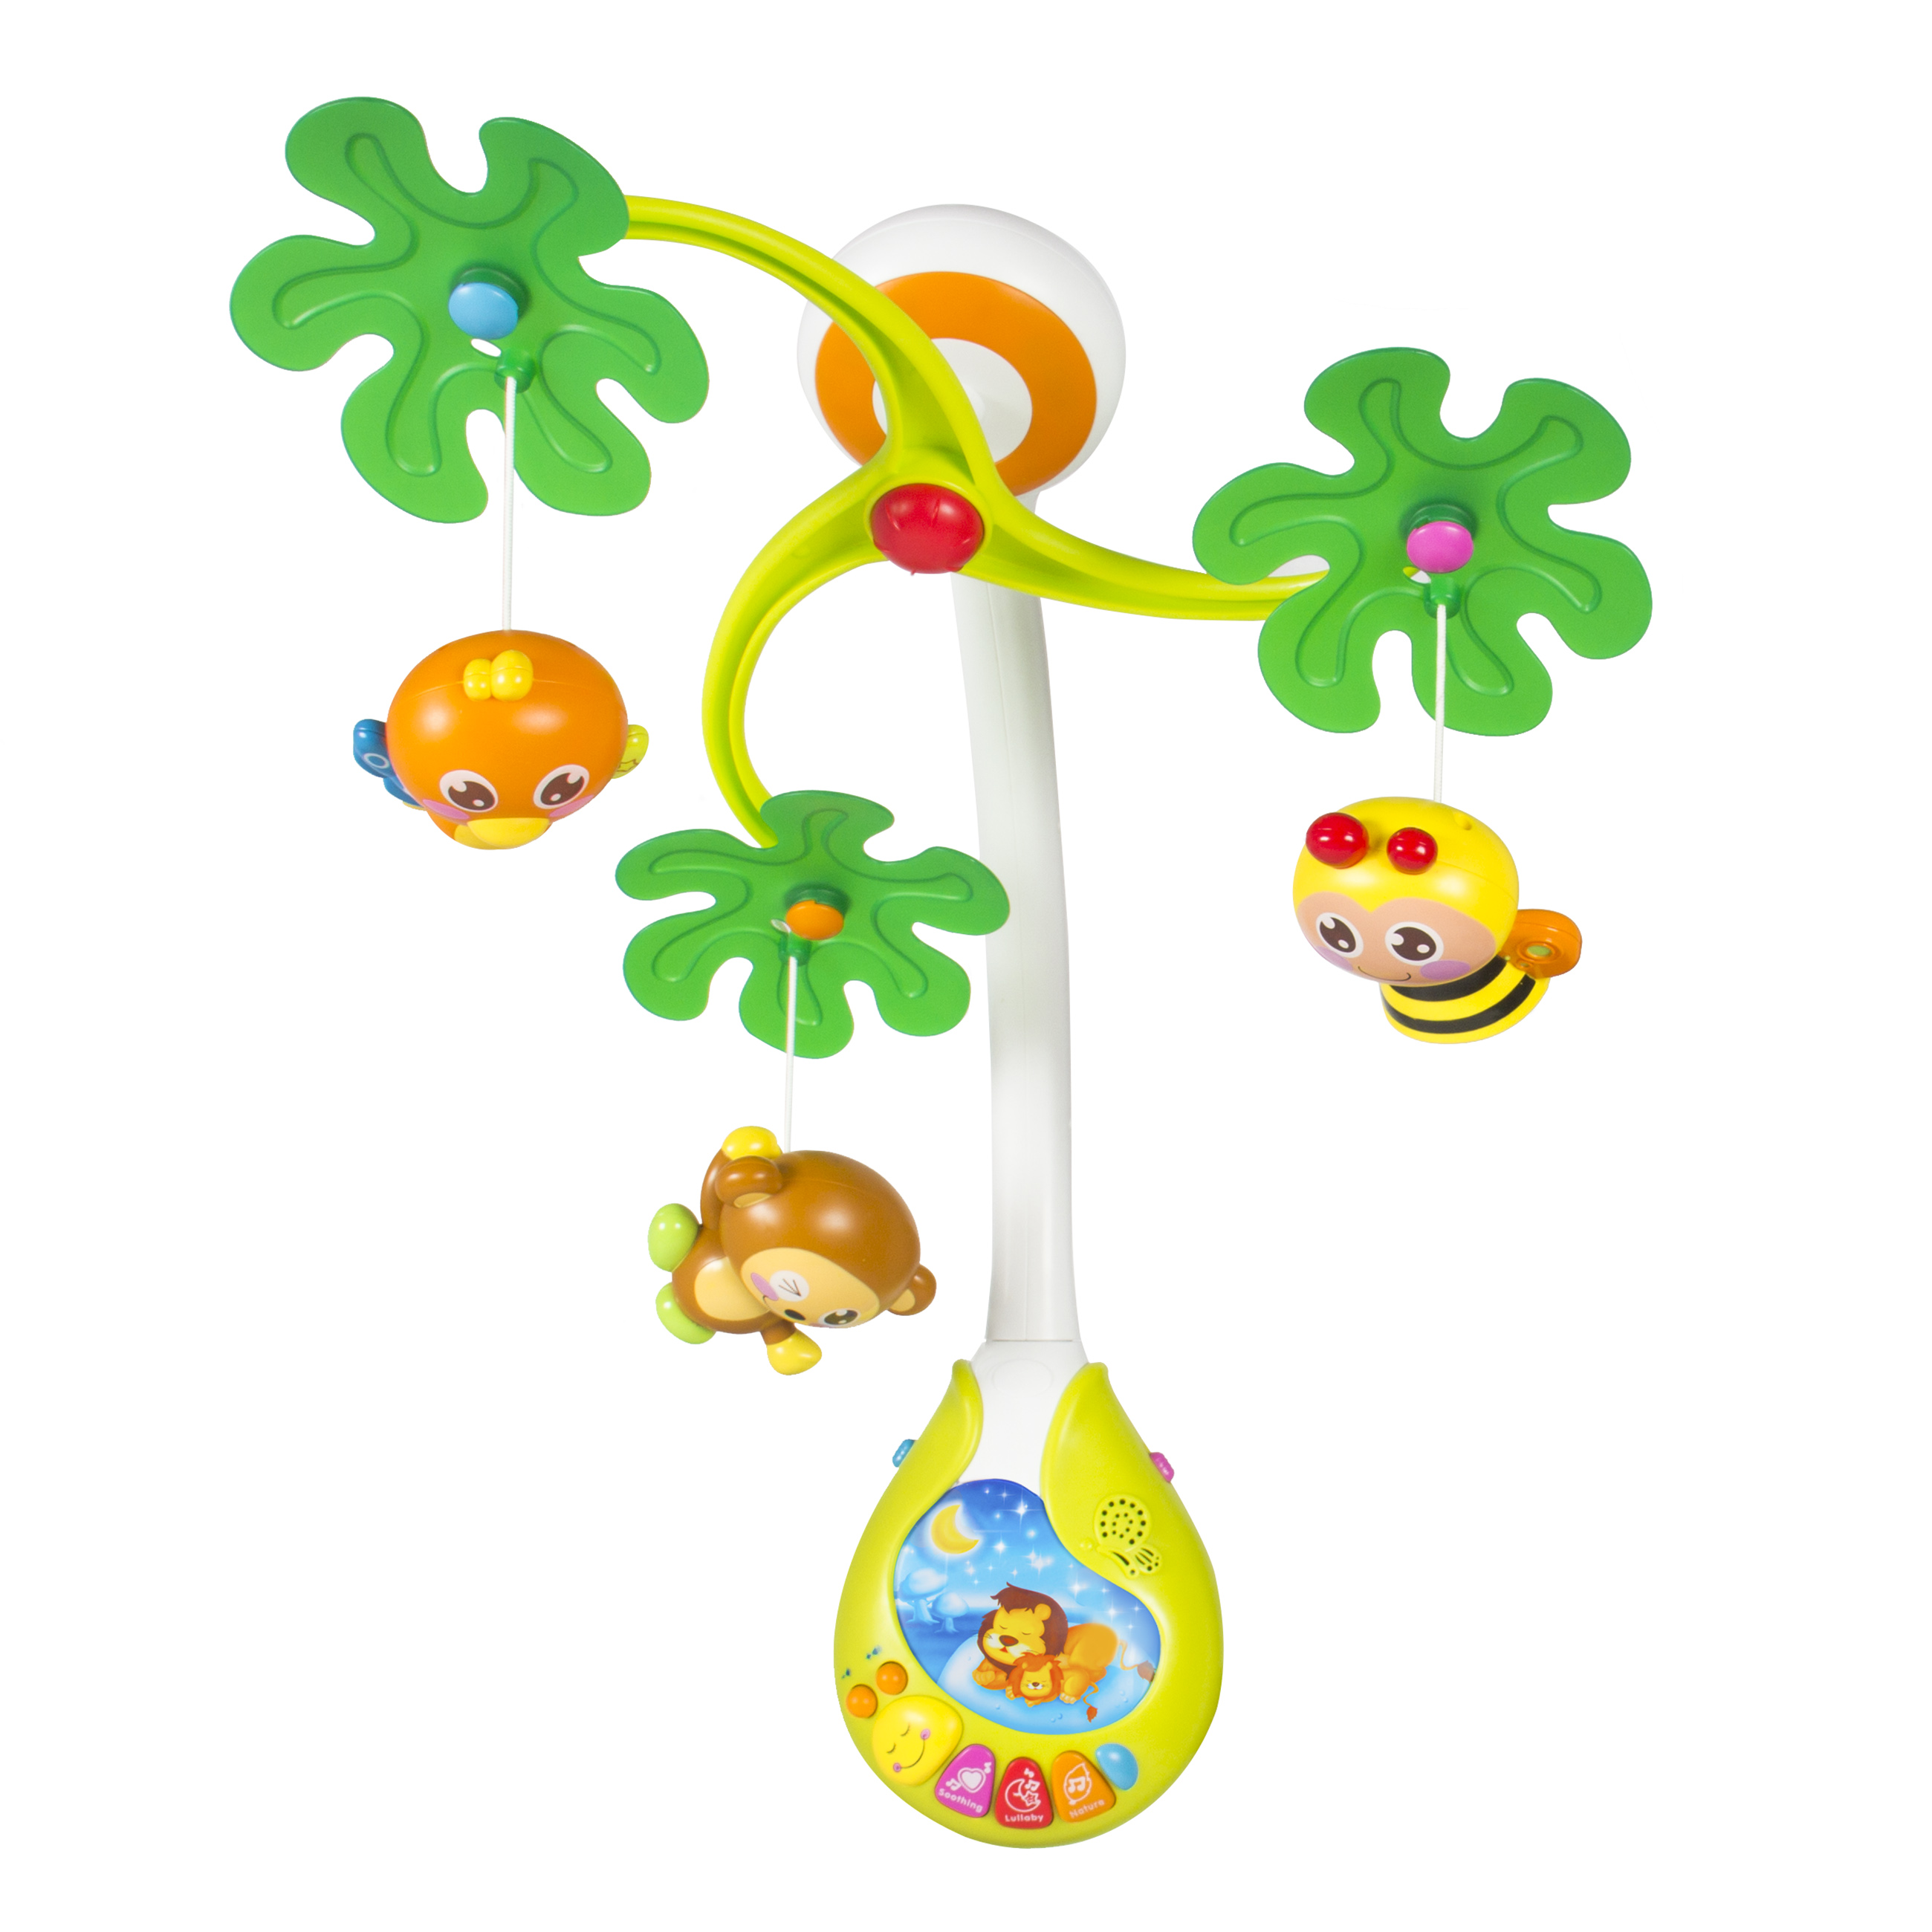 Mobile for crib babies r us - Mobile For Crib Babies R Us